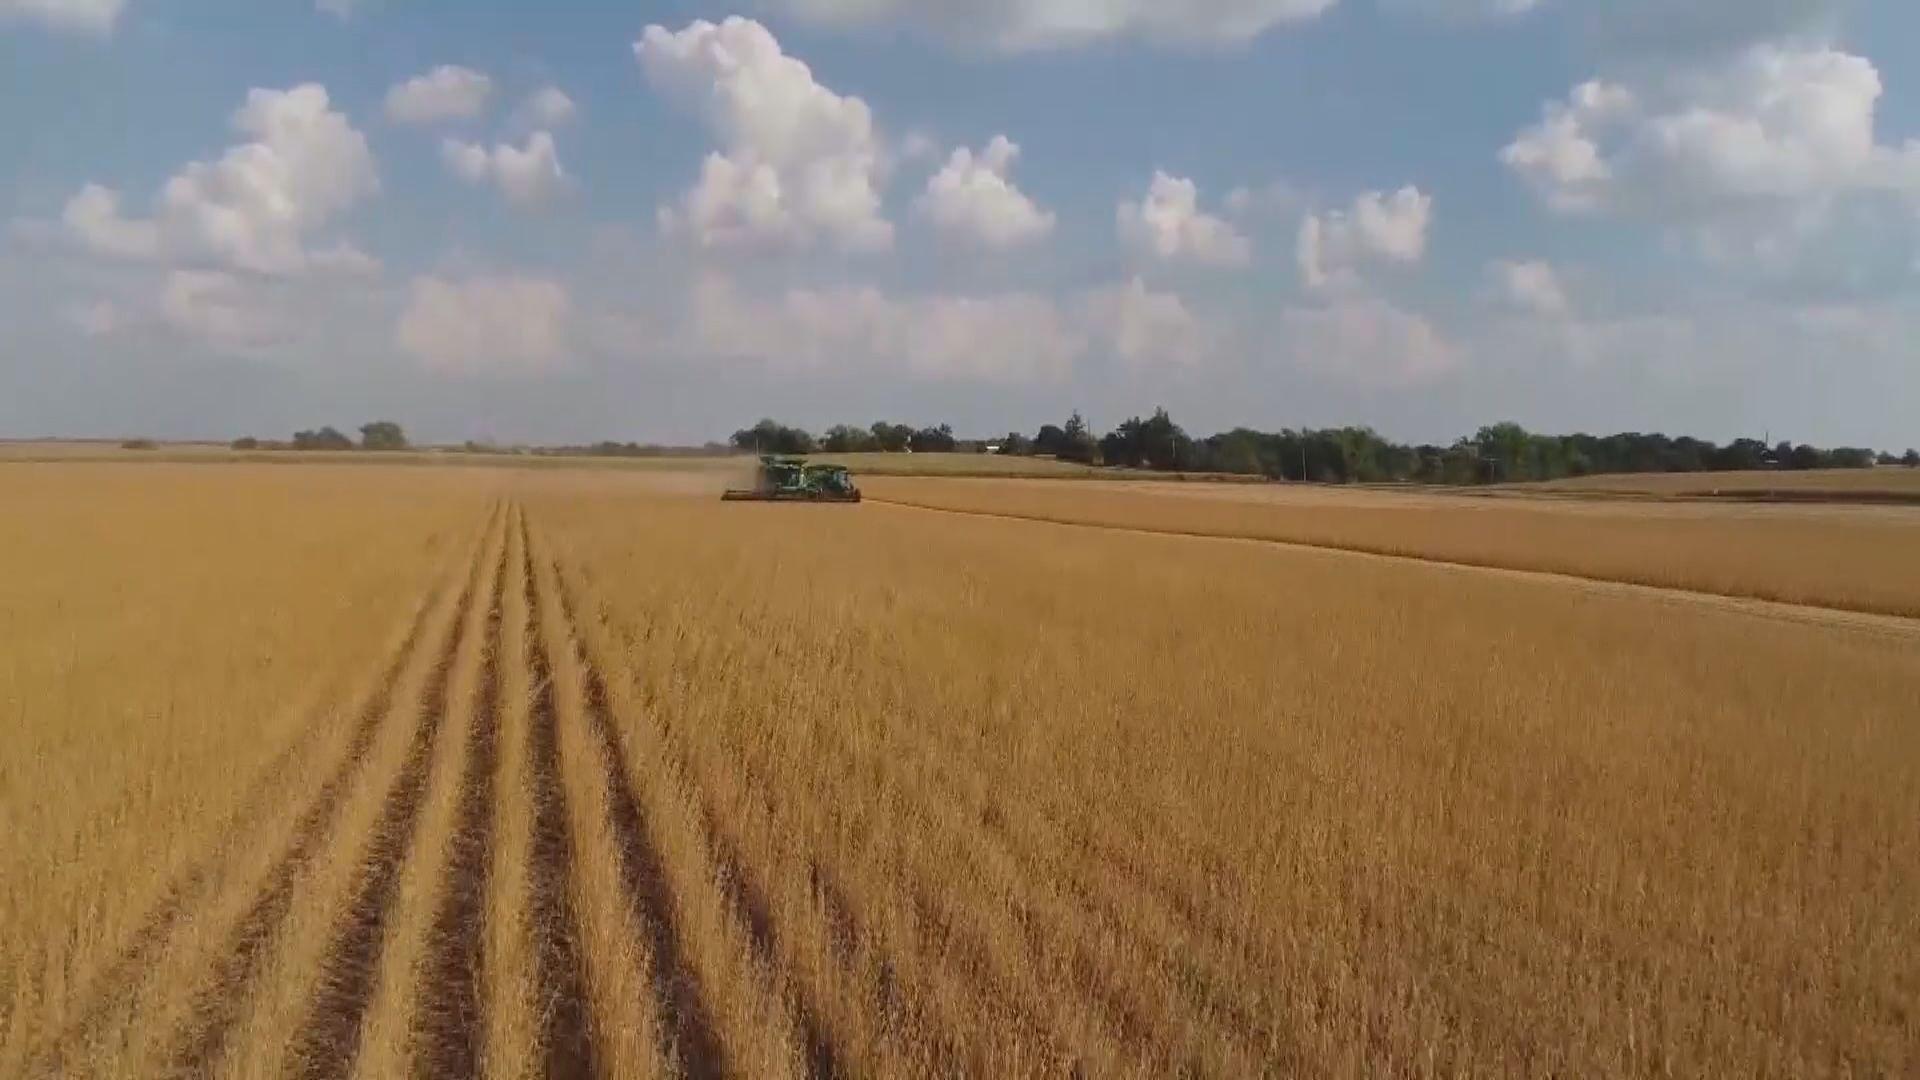 【滿載善意】中國擬下月談判前進口美國農產品